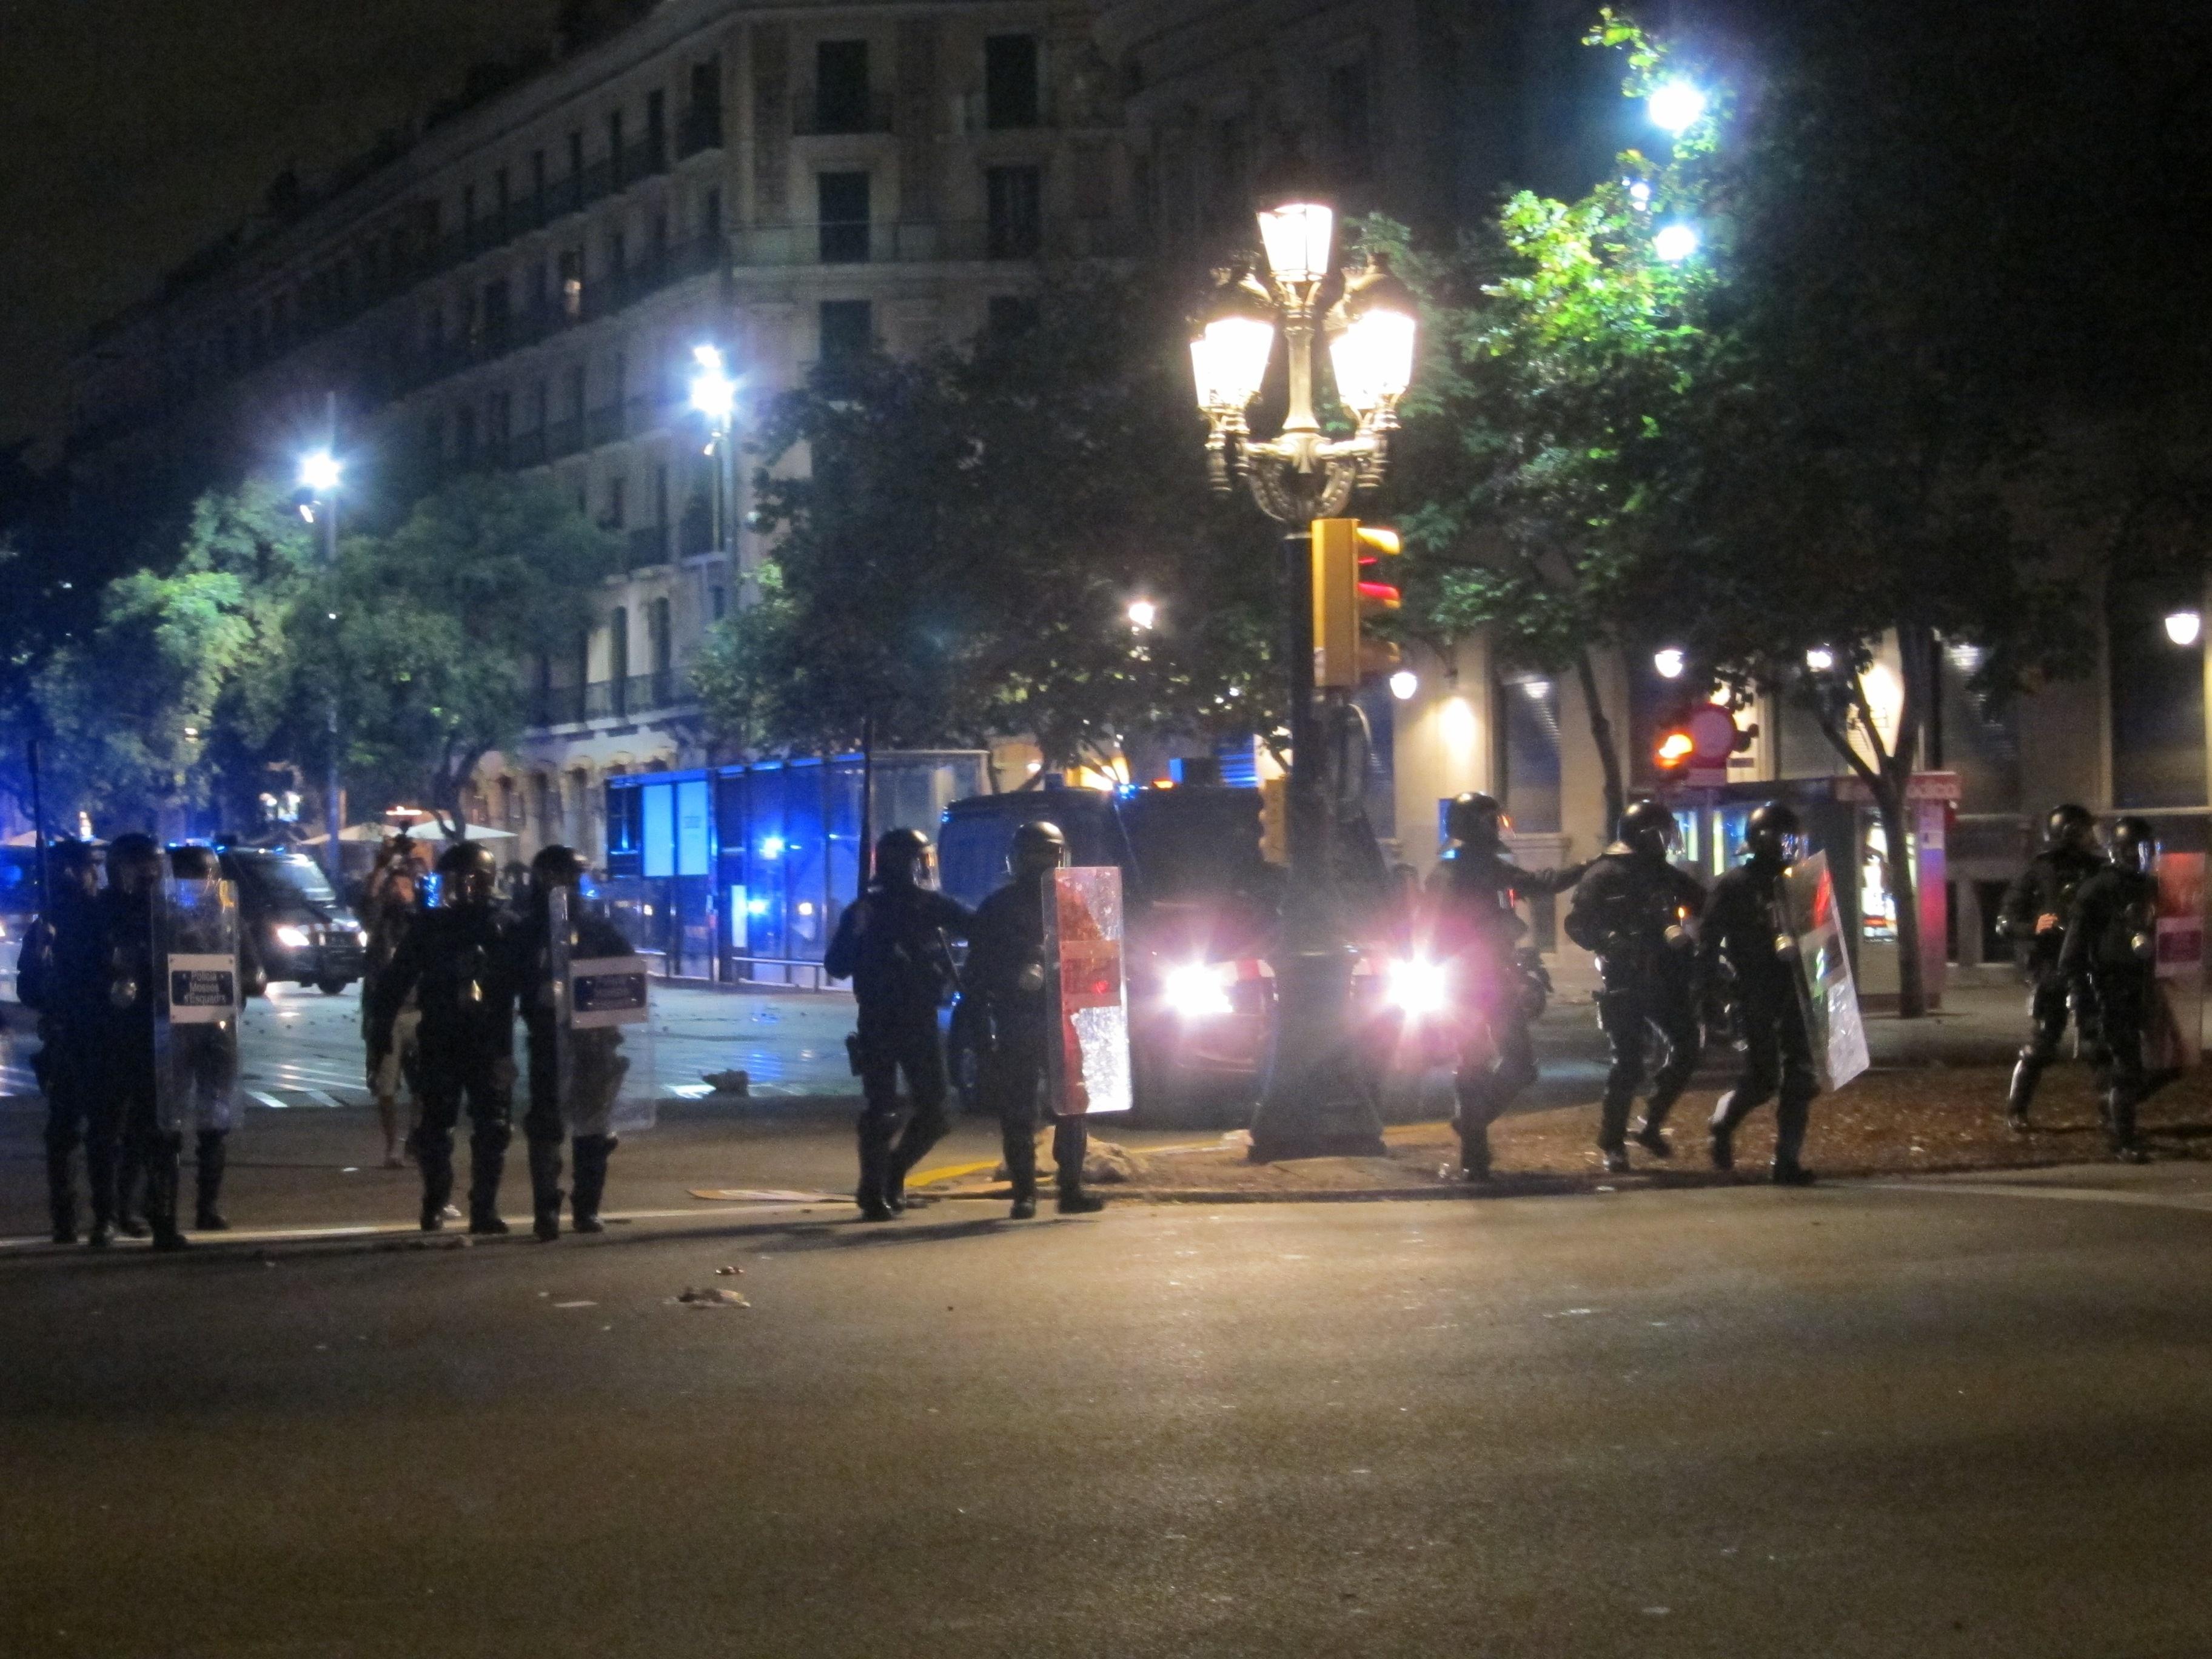 El juez cita de nuevo al subinspector imputado en el caso de la mujer que perdió un ojo y a otros cuatro mossos